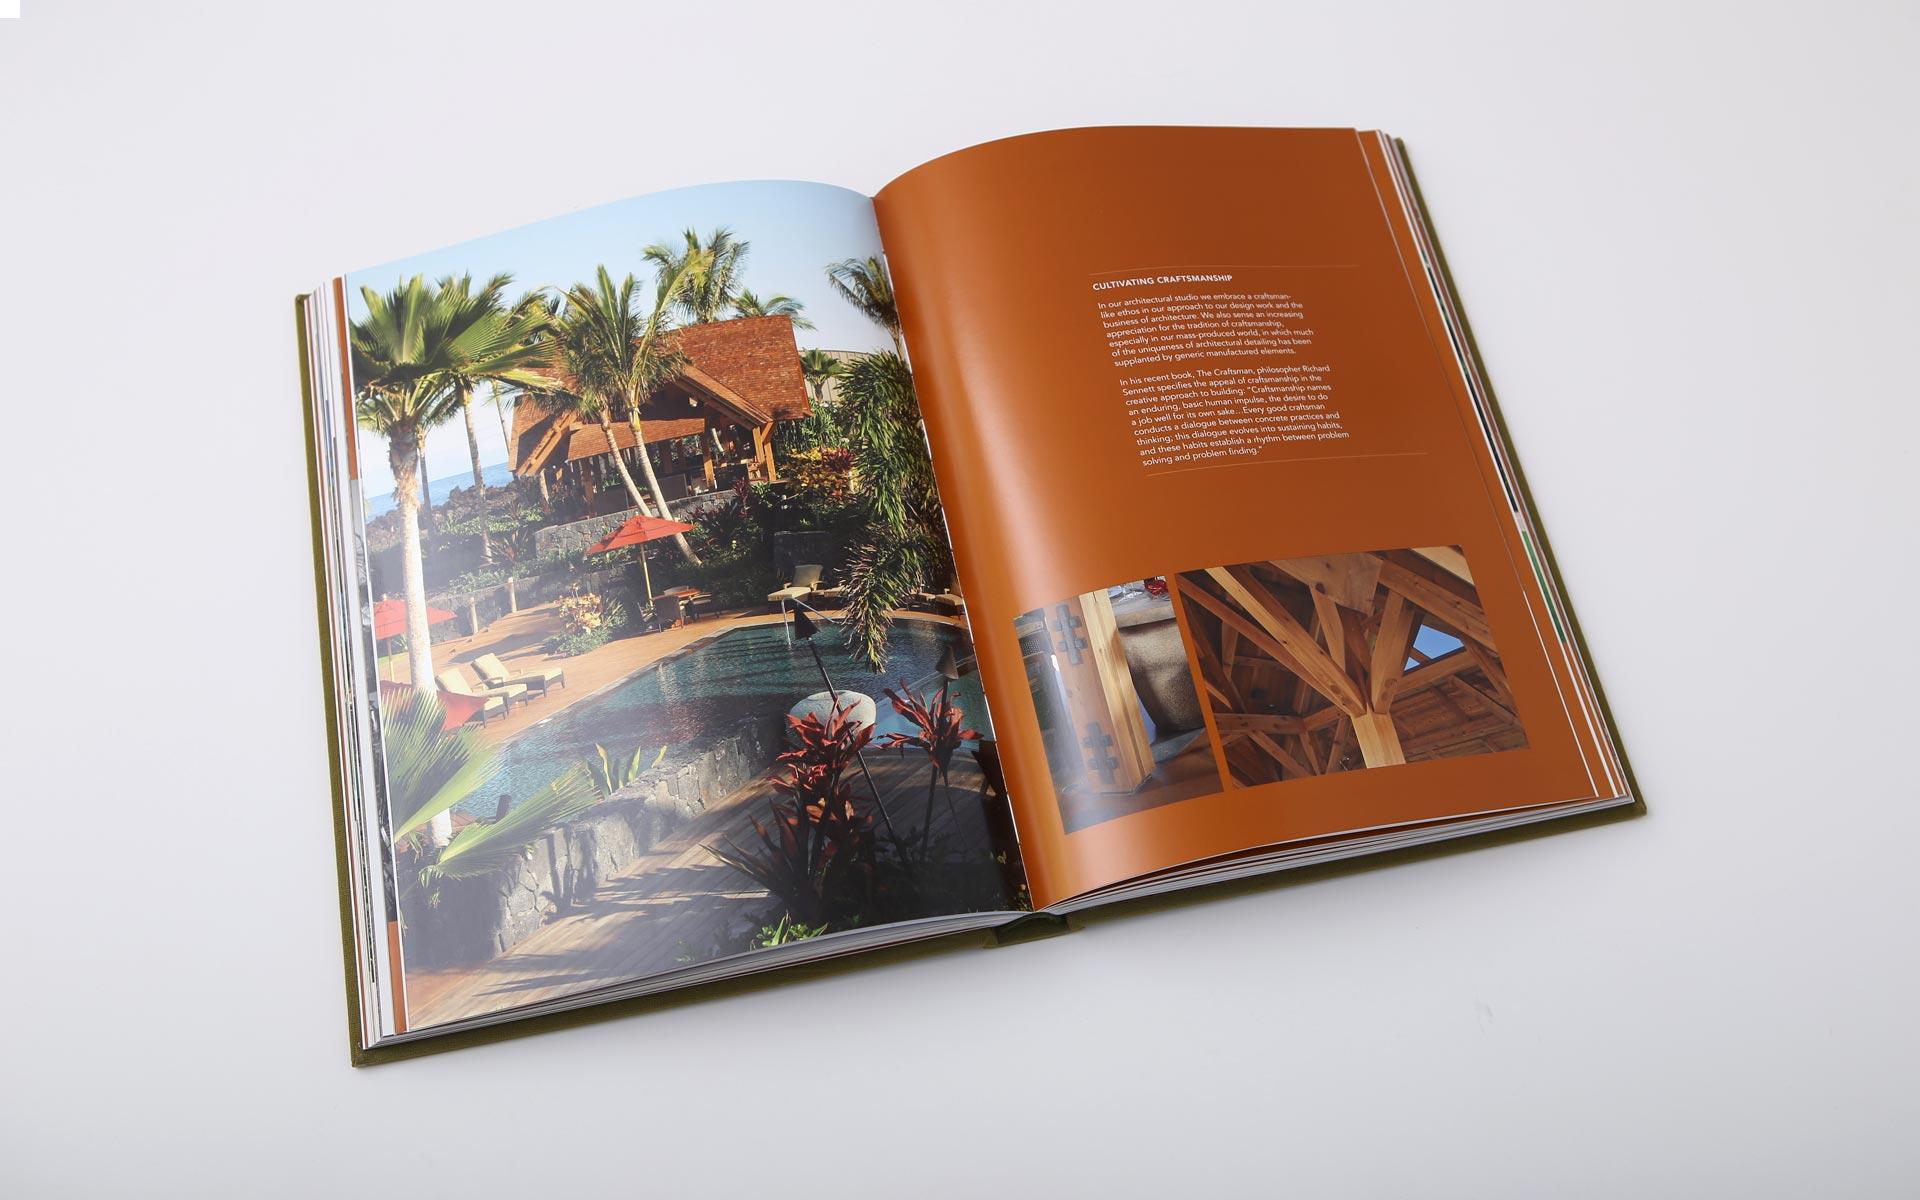 tropical-architecture-book-design-10